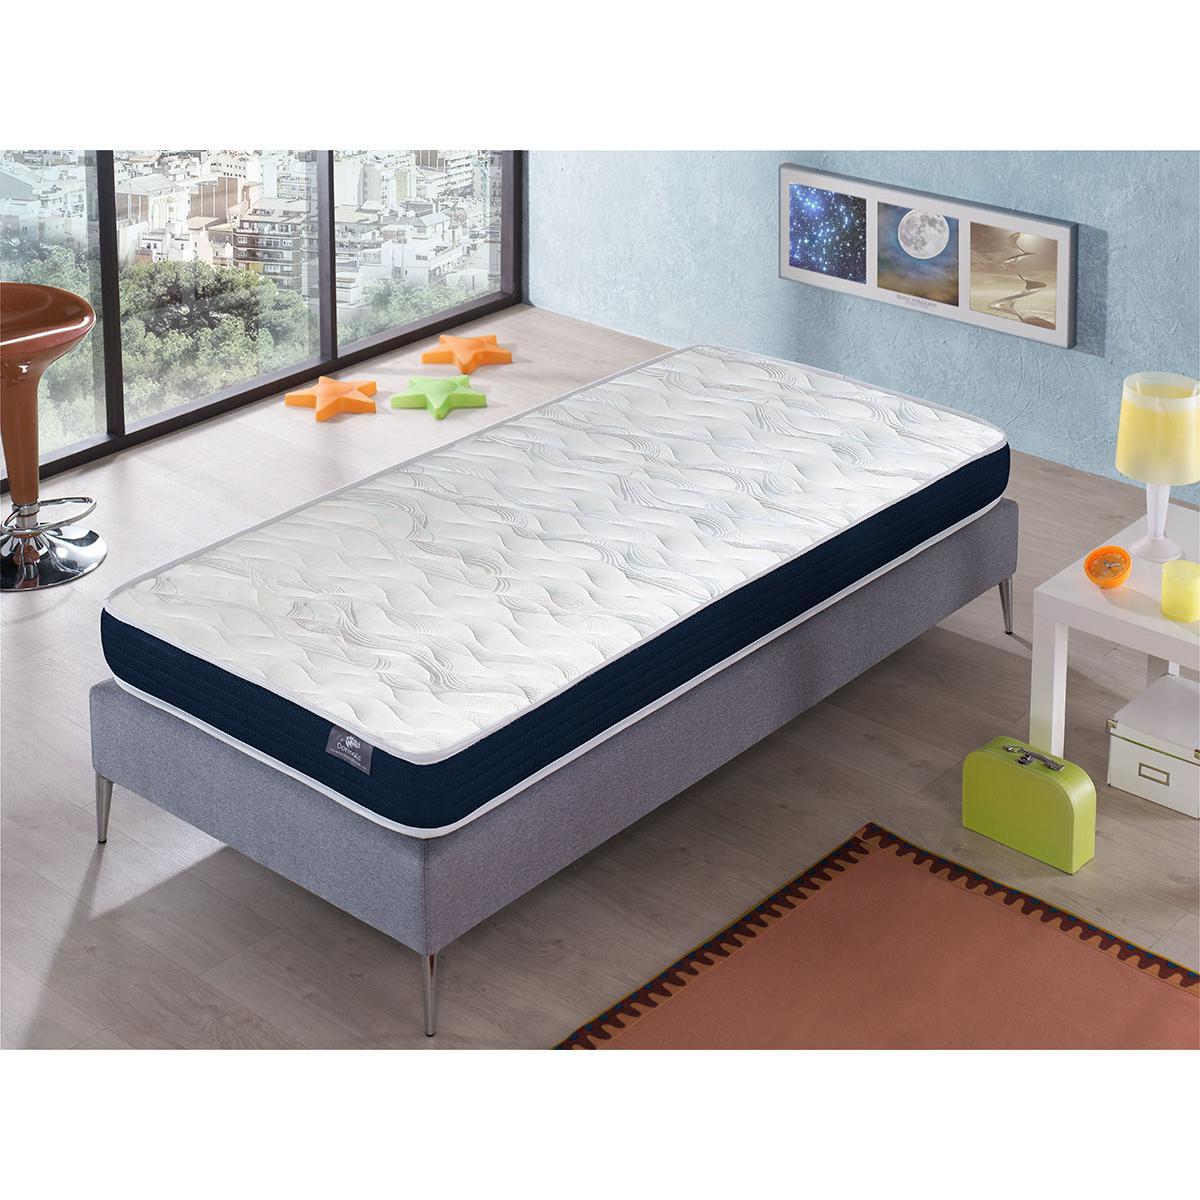 Dormalit Matelas 90X160 ERGO CONFORT Épaisseur 14 CM ? Rembourrage super soft - Juvénil - idéal pour les lits gigognes